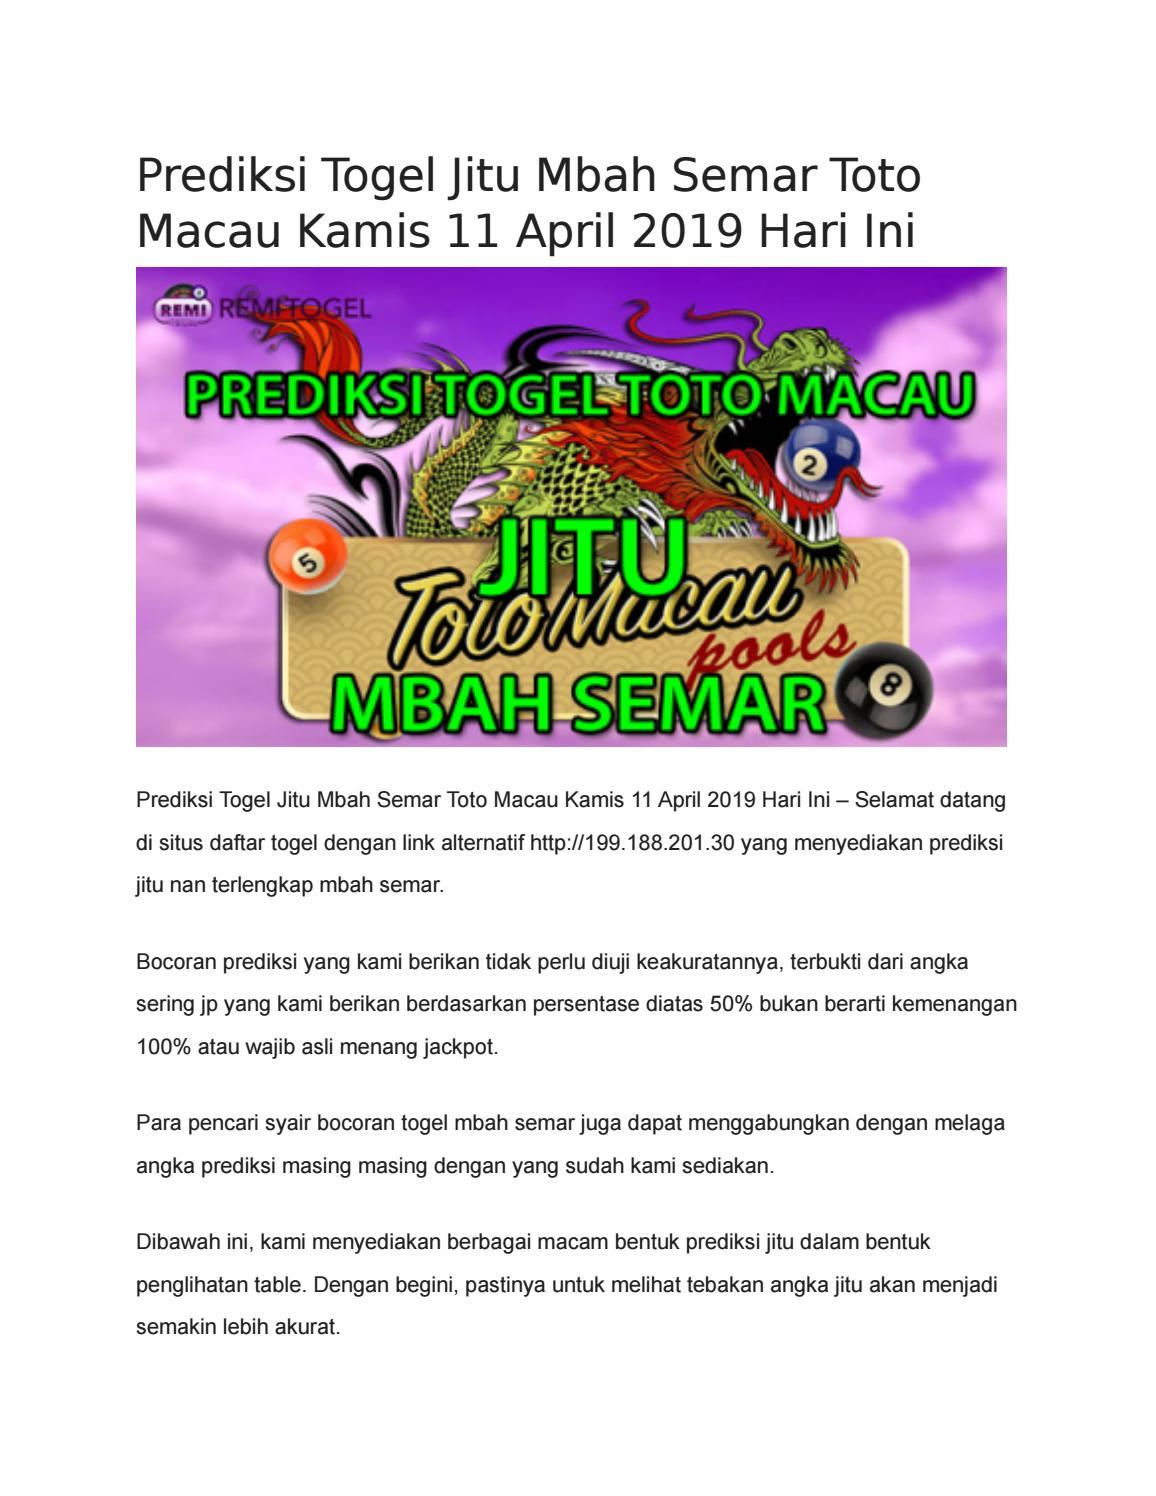 Prediksi Togel Jitu Mbah Semar Toto Macau Kamis 11 April 2019 Hari Ini By Prediksi Jitu Mbah Semar Issuu